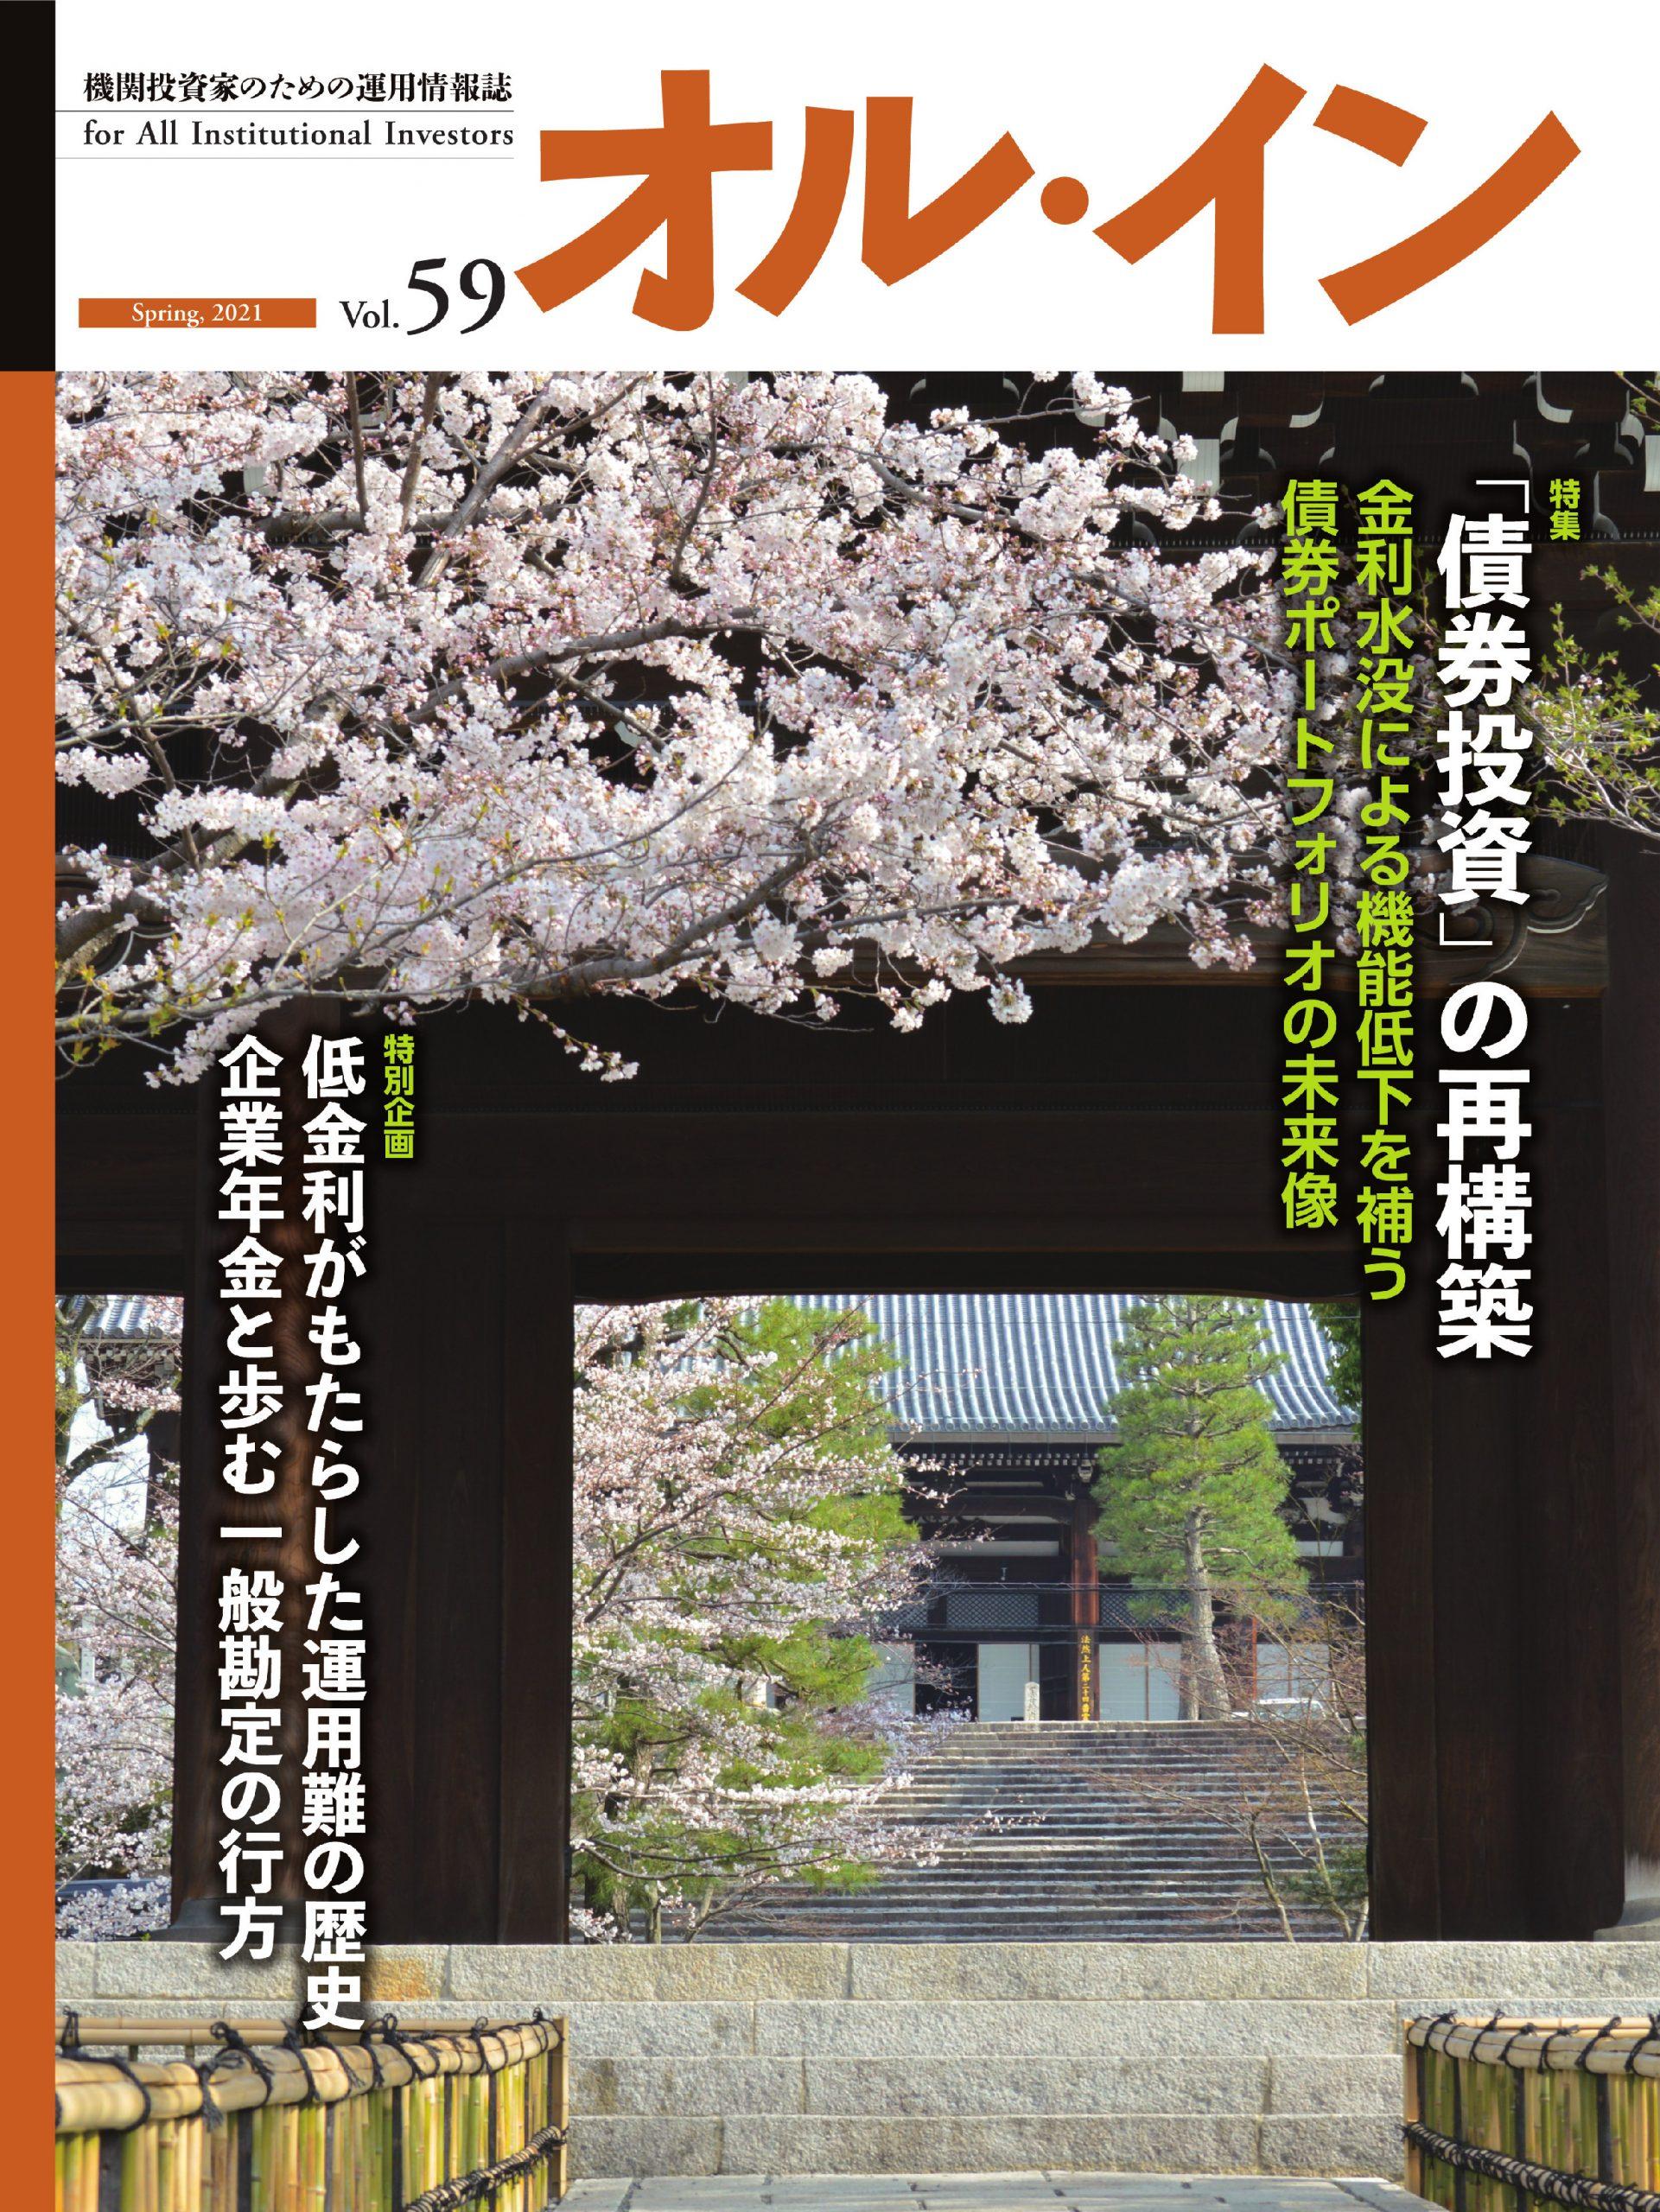 オル・イン Vol.59 2021年春号 (3月25日発行)